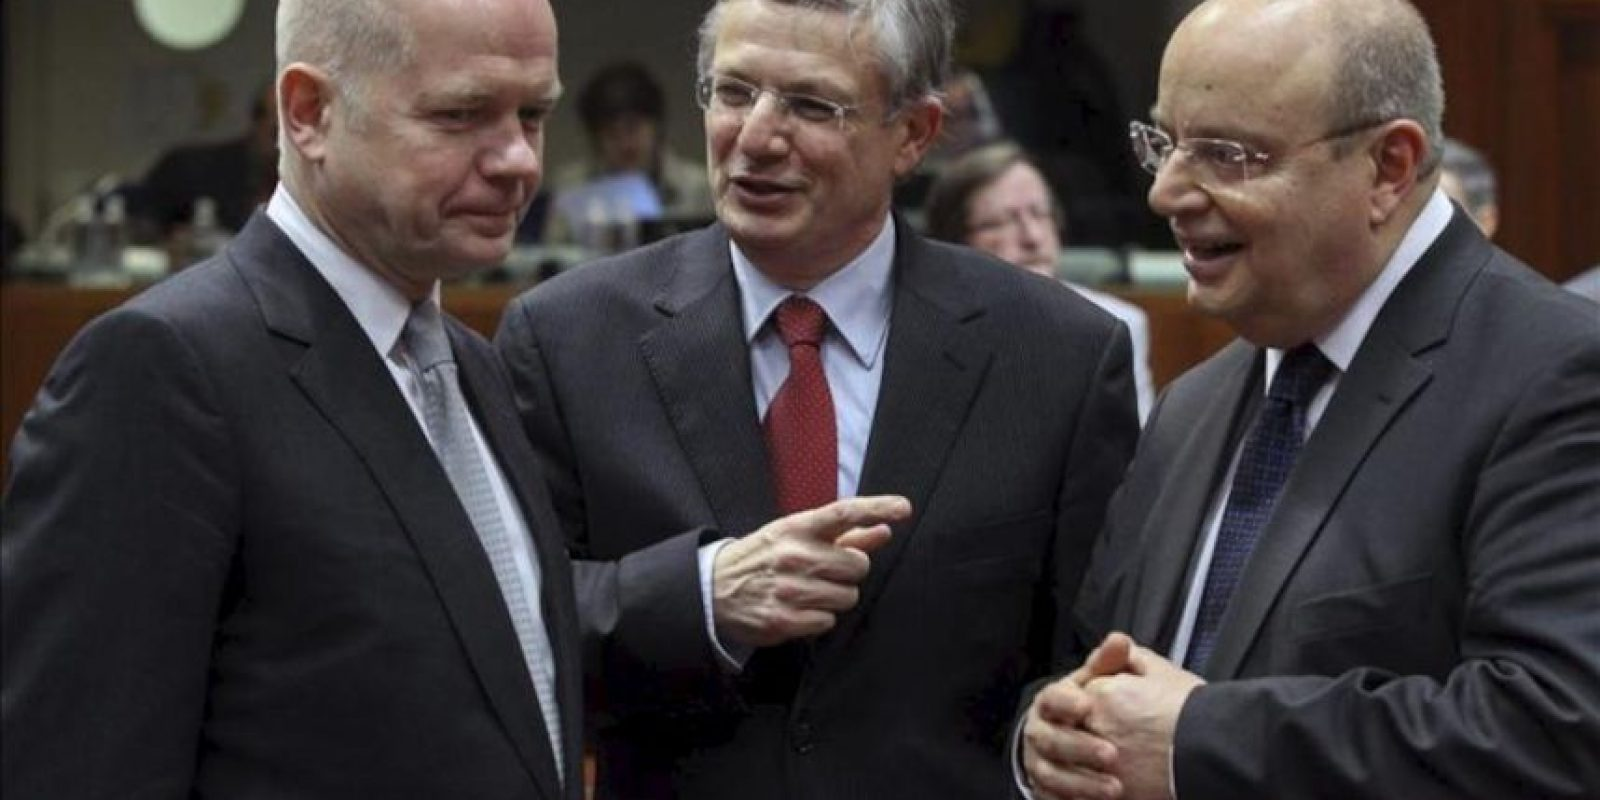 El ministro británico de Asuntos Exteriores, William Hague (izq), charla con el comisario europeo de Salud y Política de Consumidores, Tonio Borg (c), y el titular de Exteriores maltés, Francis Zammit Dimech (der), al comienzo del Consejo de Asuntos Exteriores de la Unión Europea en la sede de la UE en Bruselas. EFE